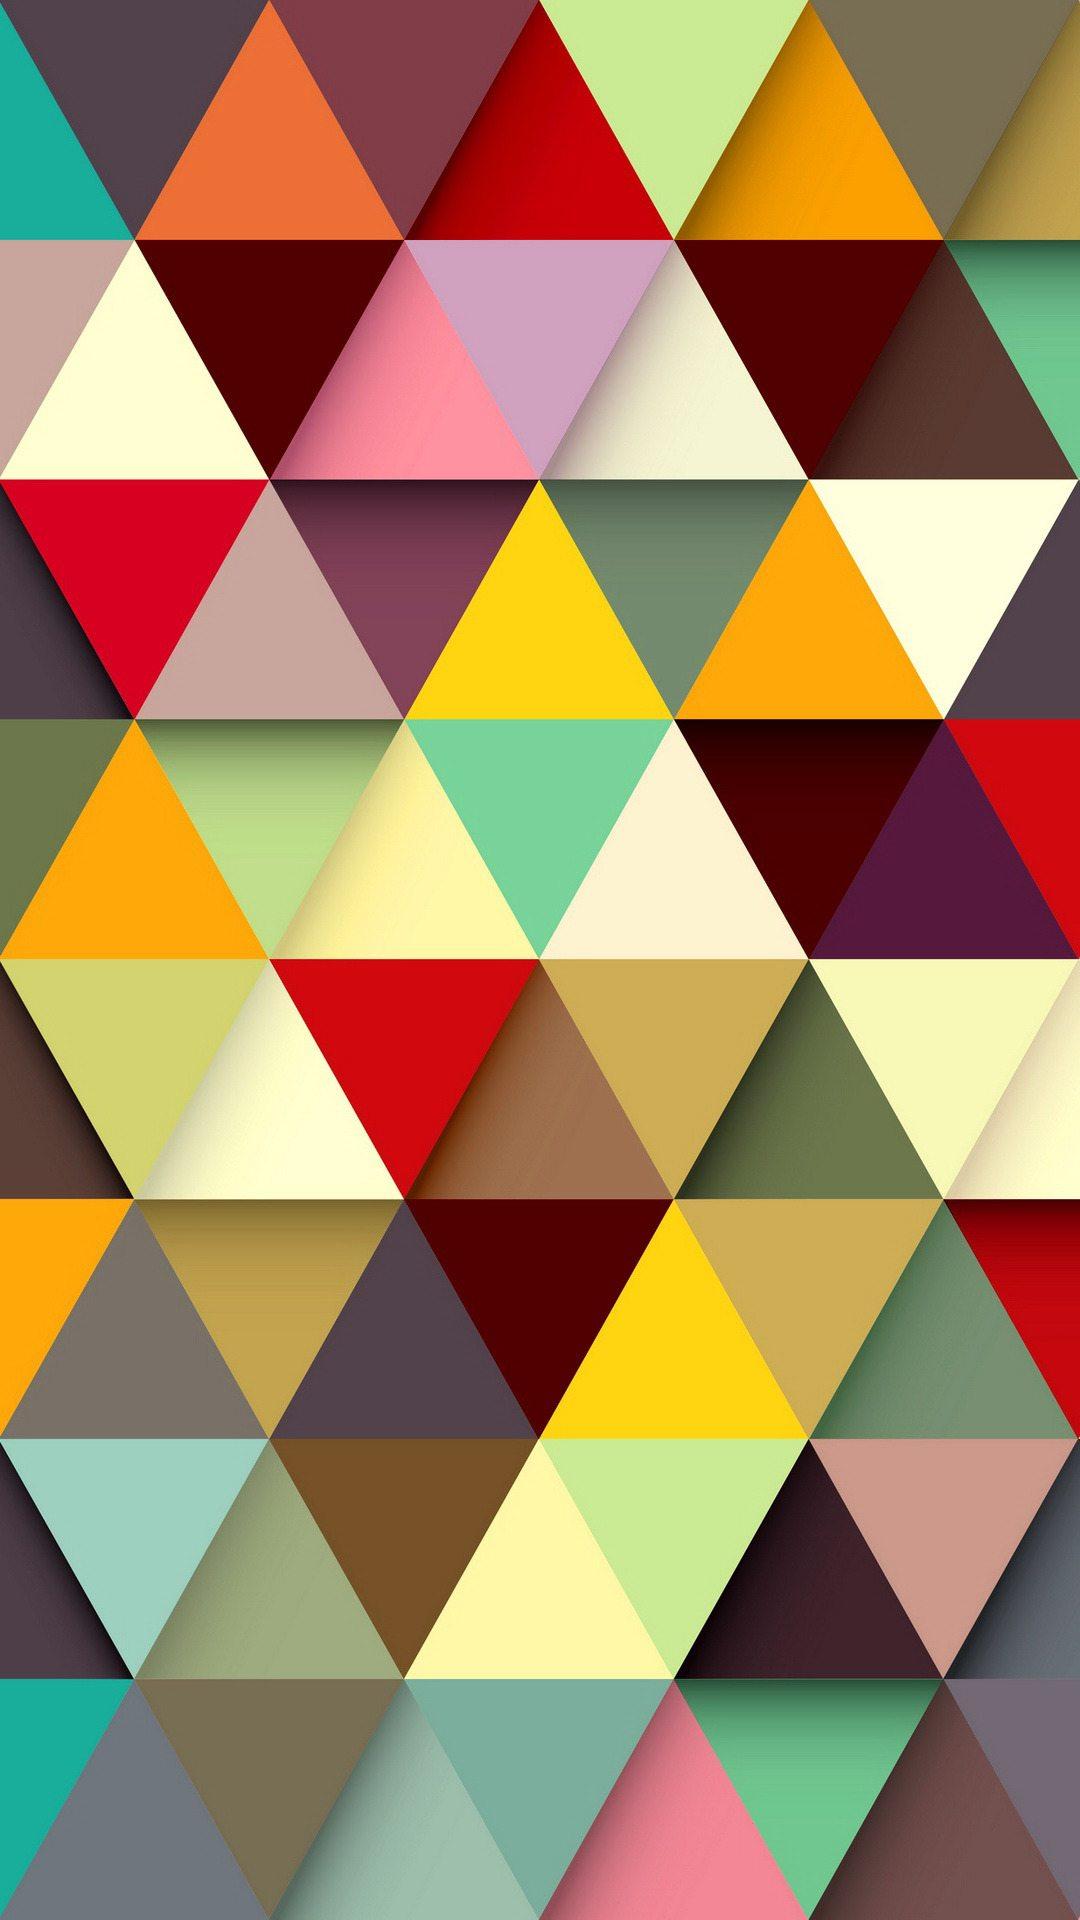 nexus 5 wallpapers zedge